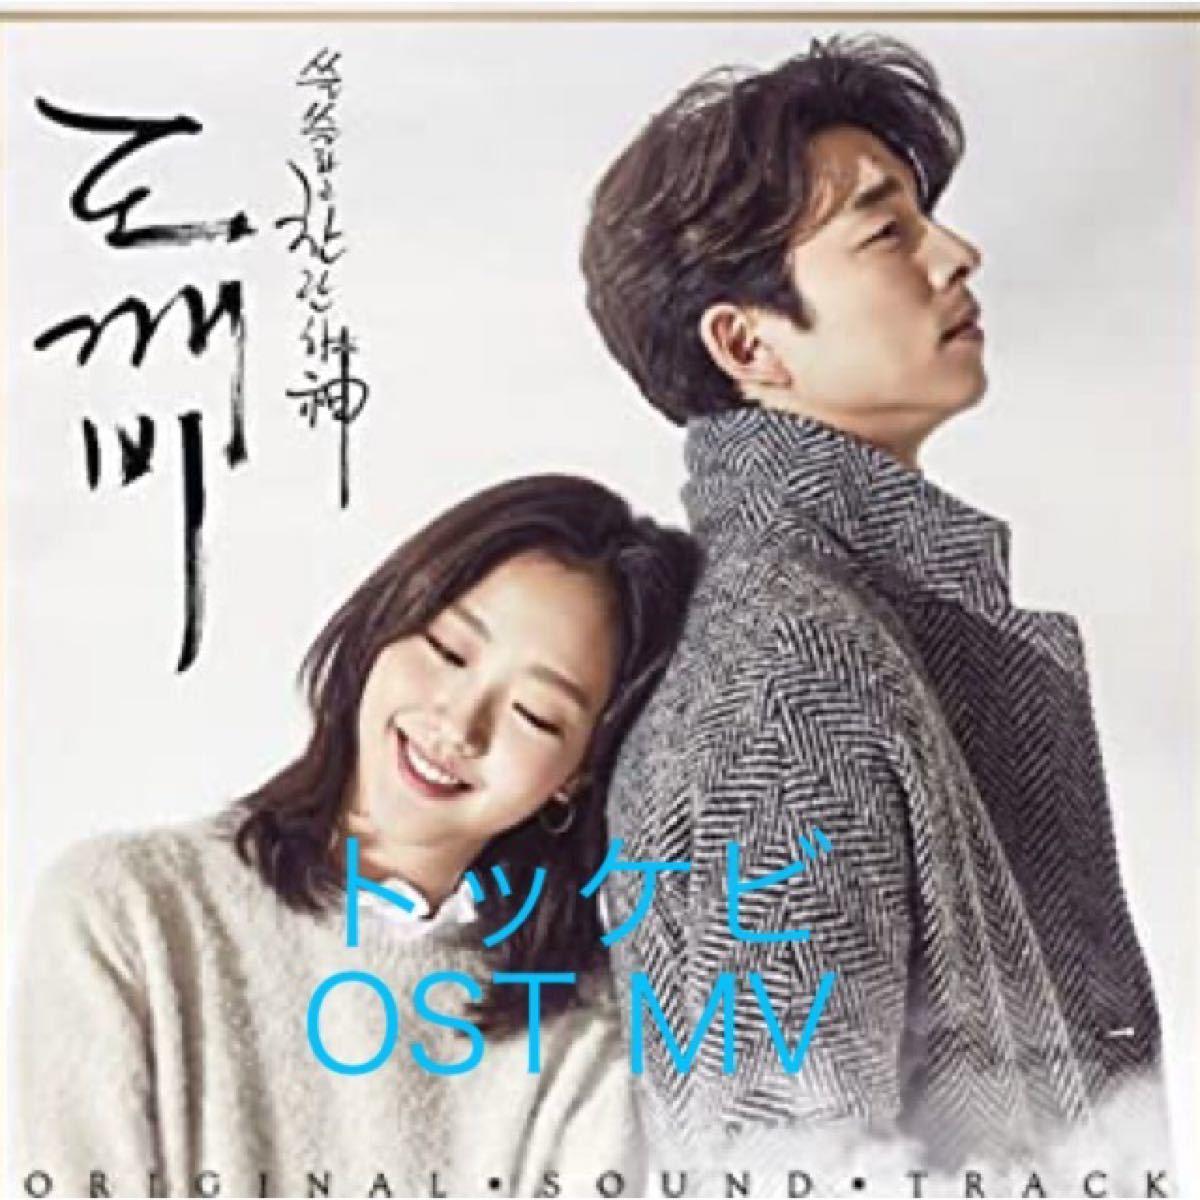 韓国ドラマOST  トッケビ  OST  MV  DVD  コン・ユ